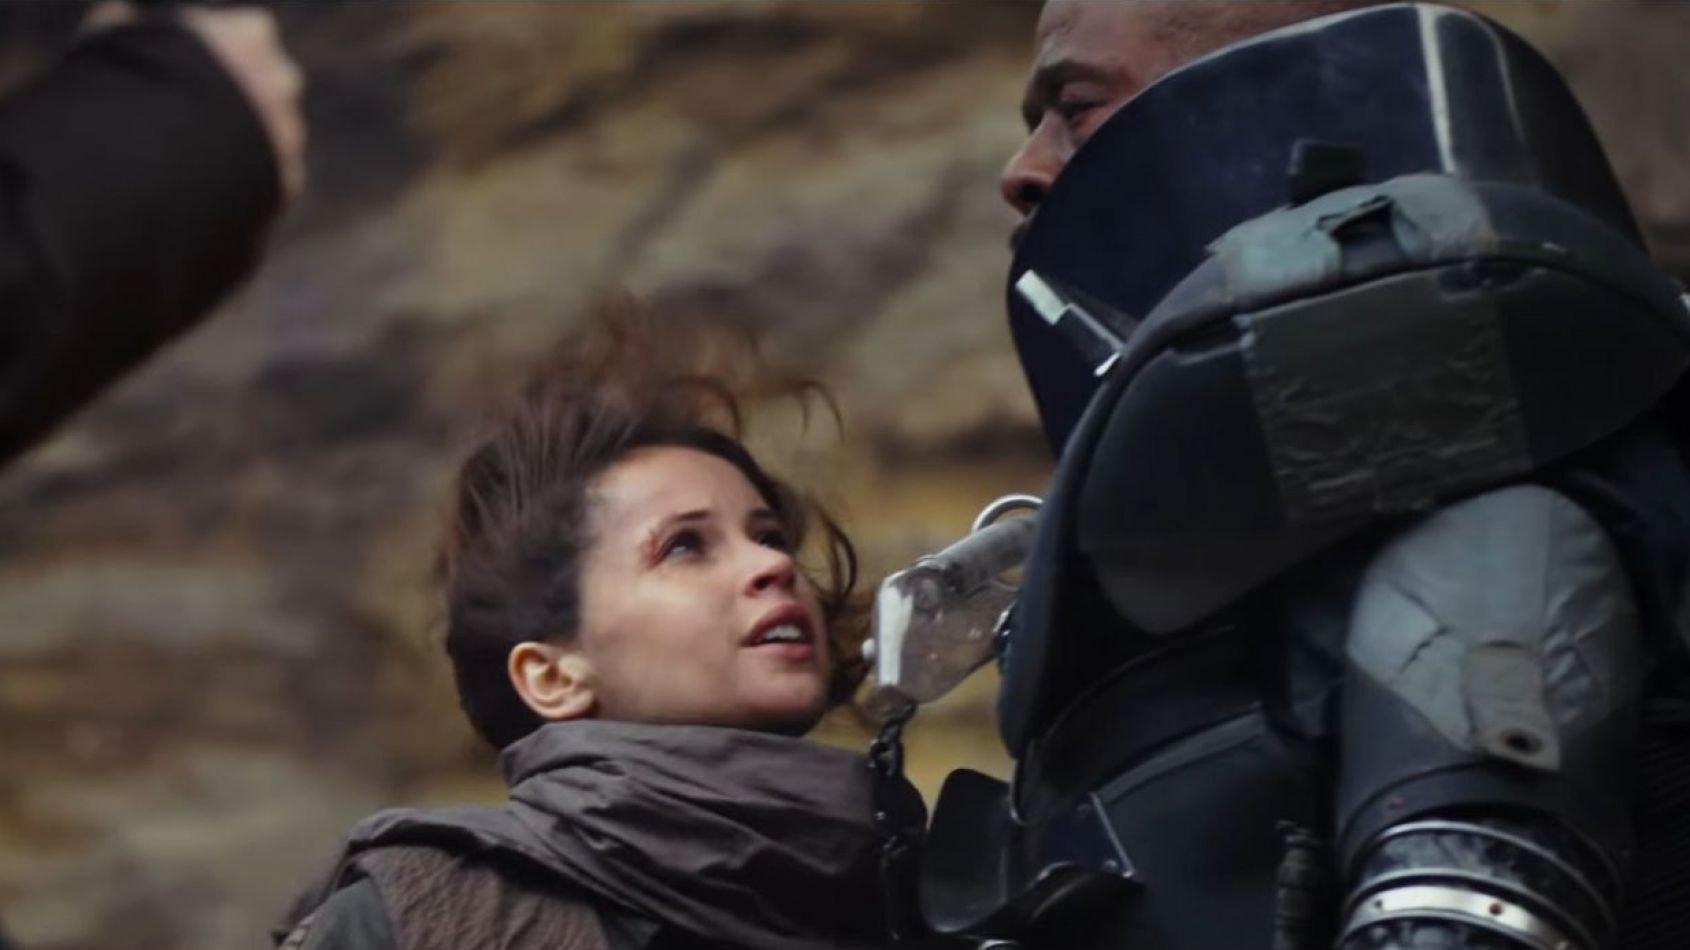 Une scène coupée de Rogue One dévoilée dans l'adaptation en comics ?